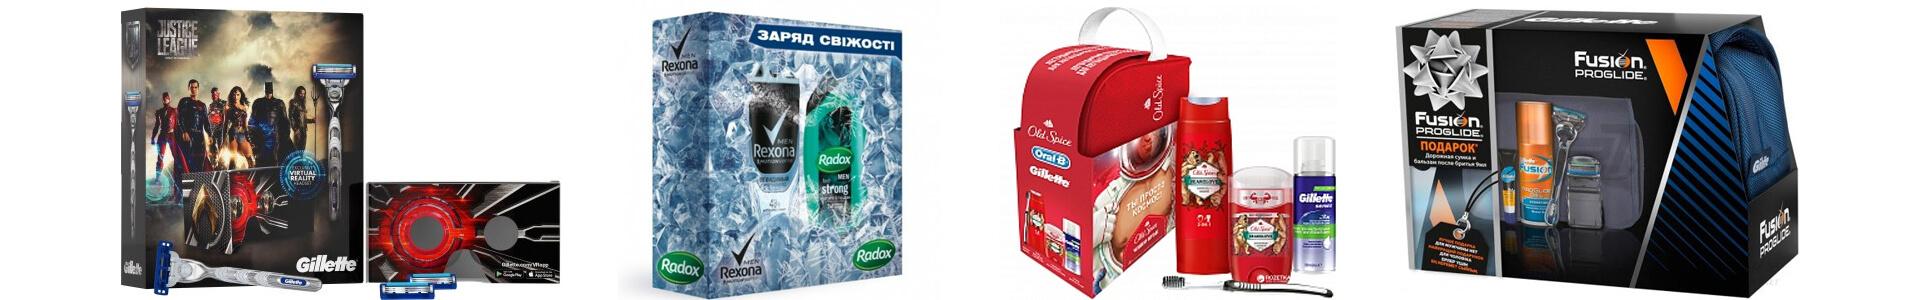 Фото - Подарочные коробки для средств для бритья изготовить оптом в Полиграф-Сити